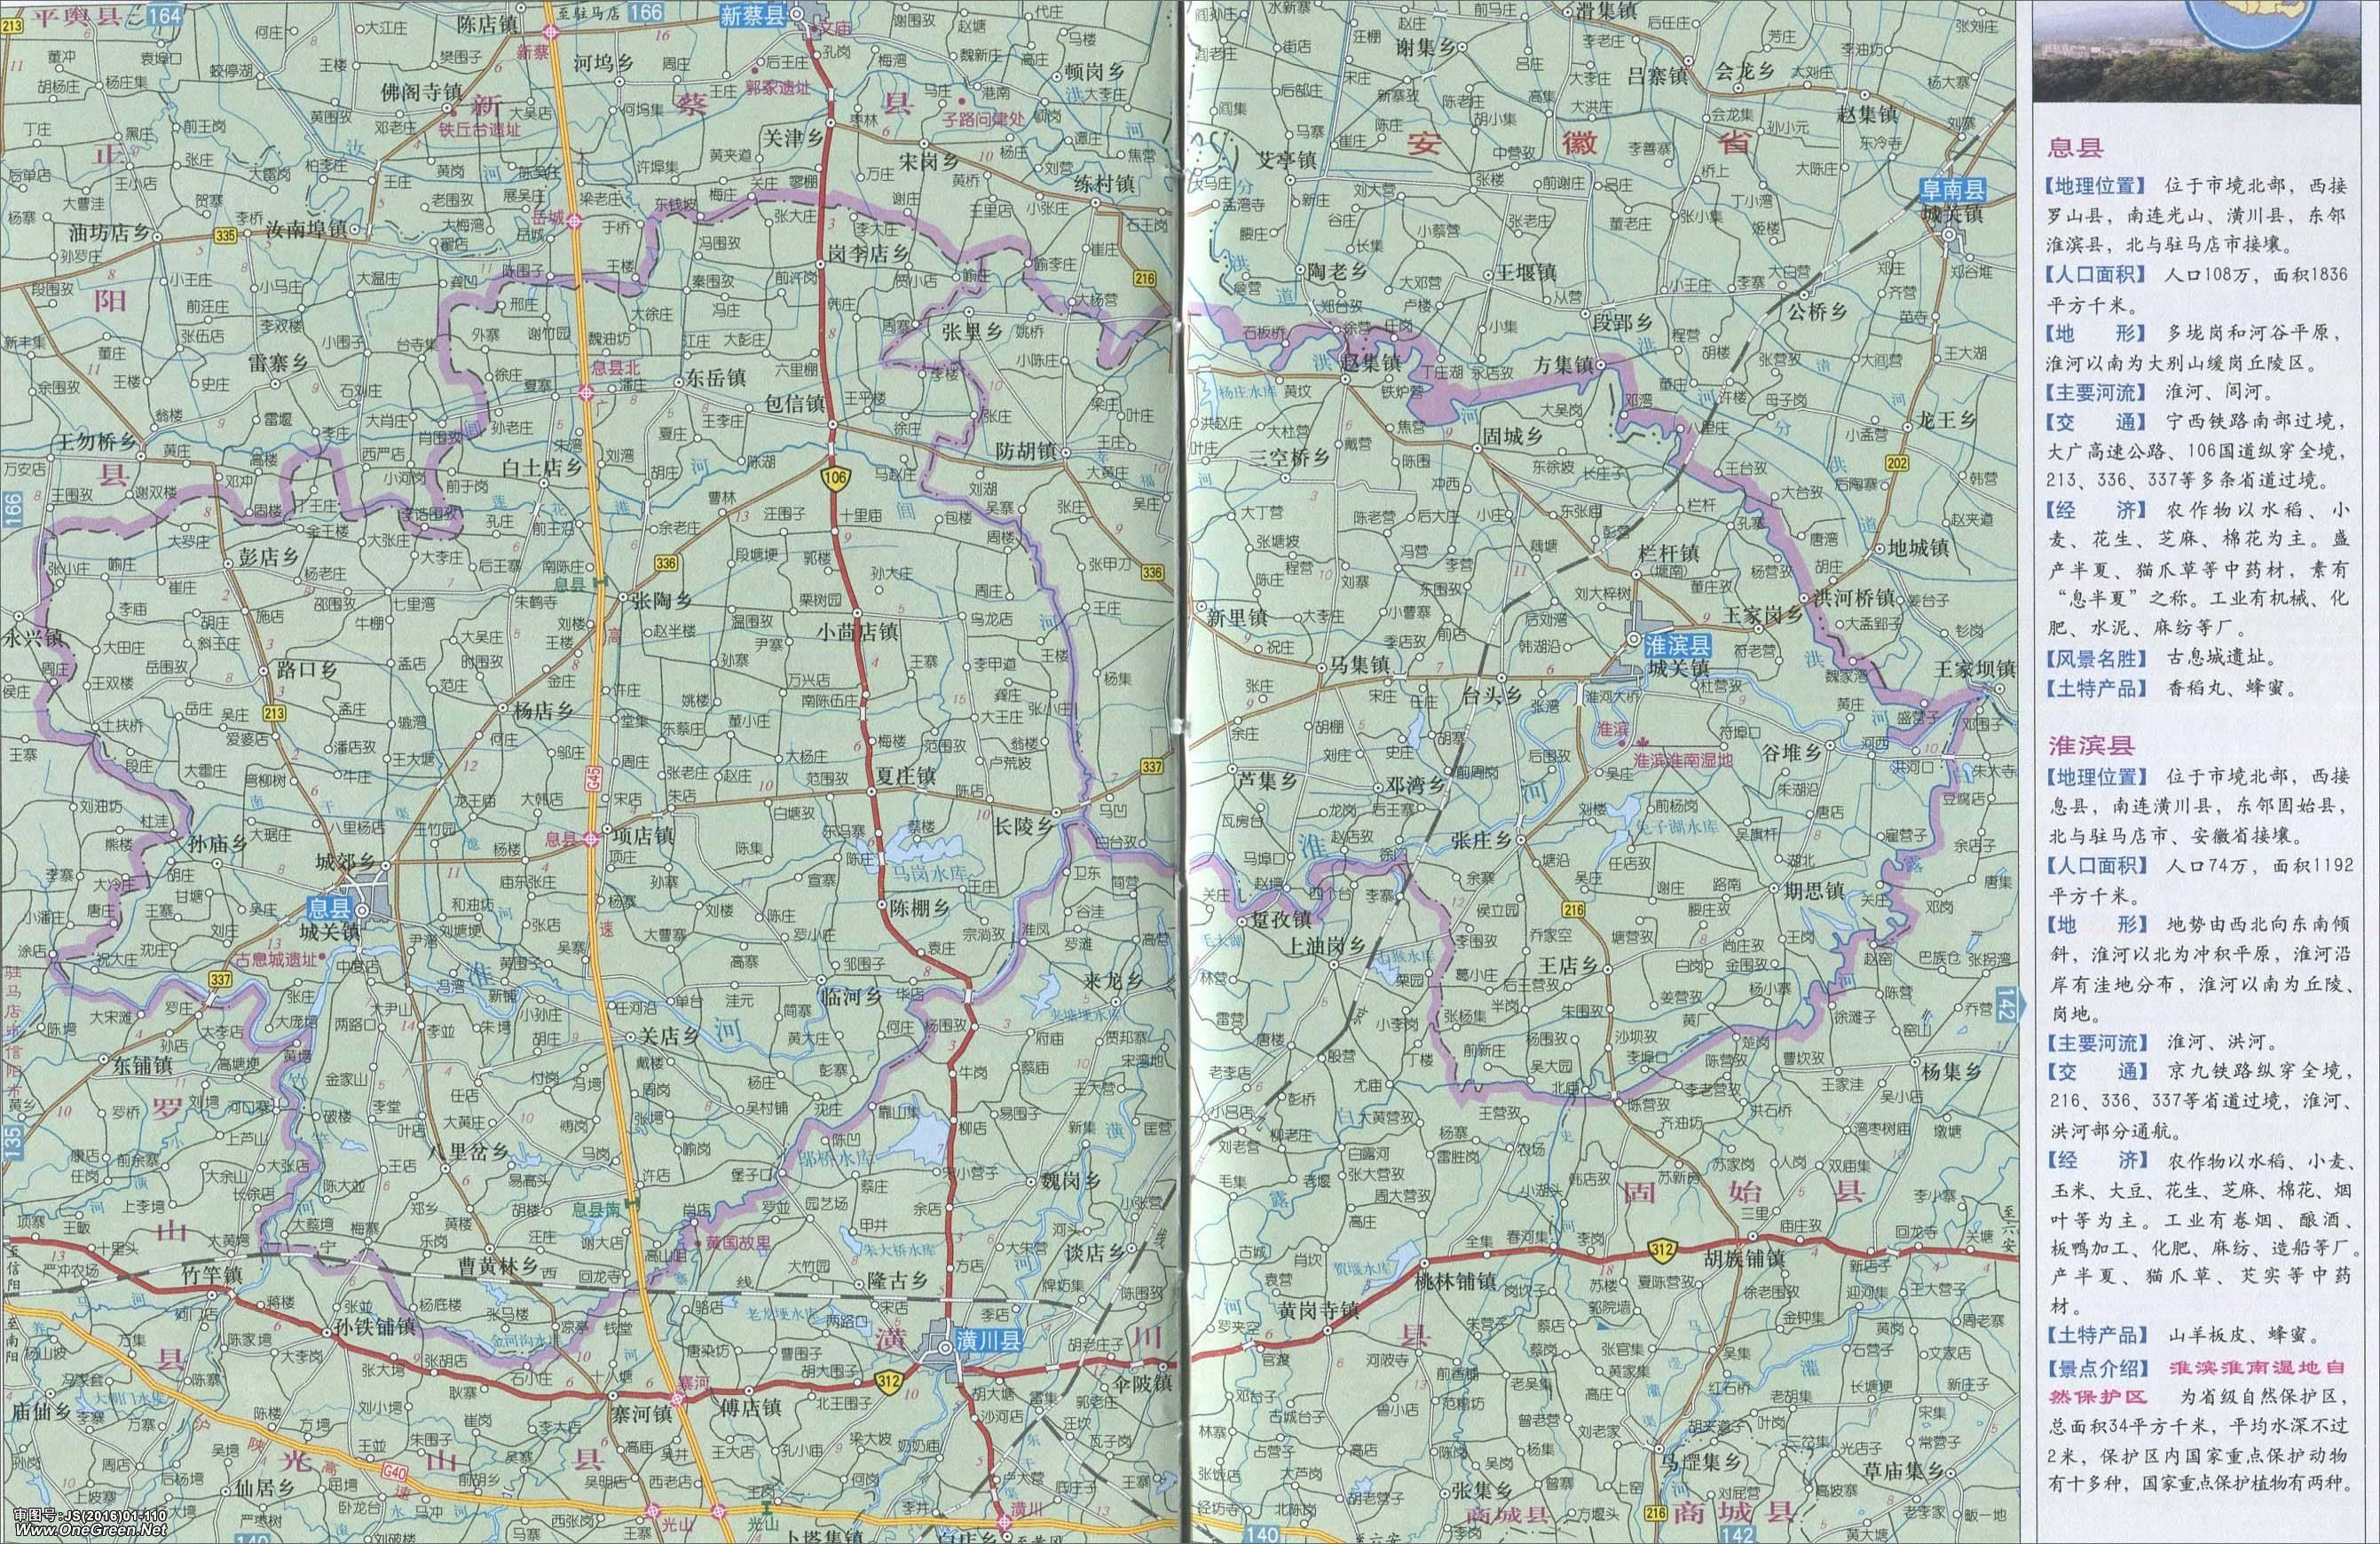 息县 淮滨县地图